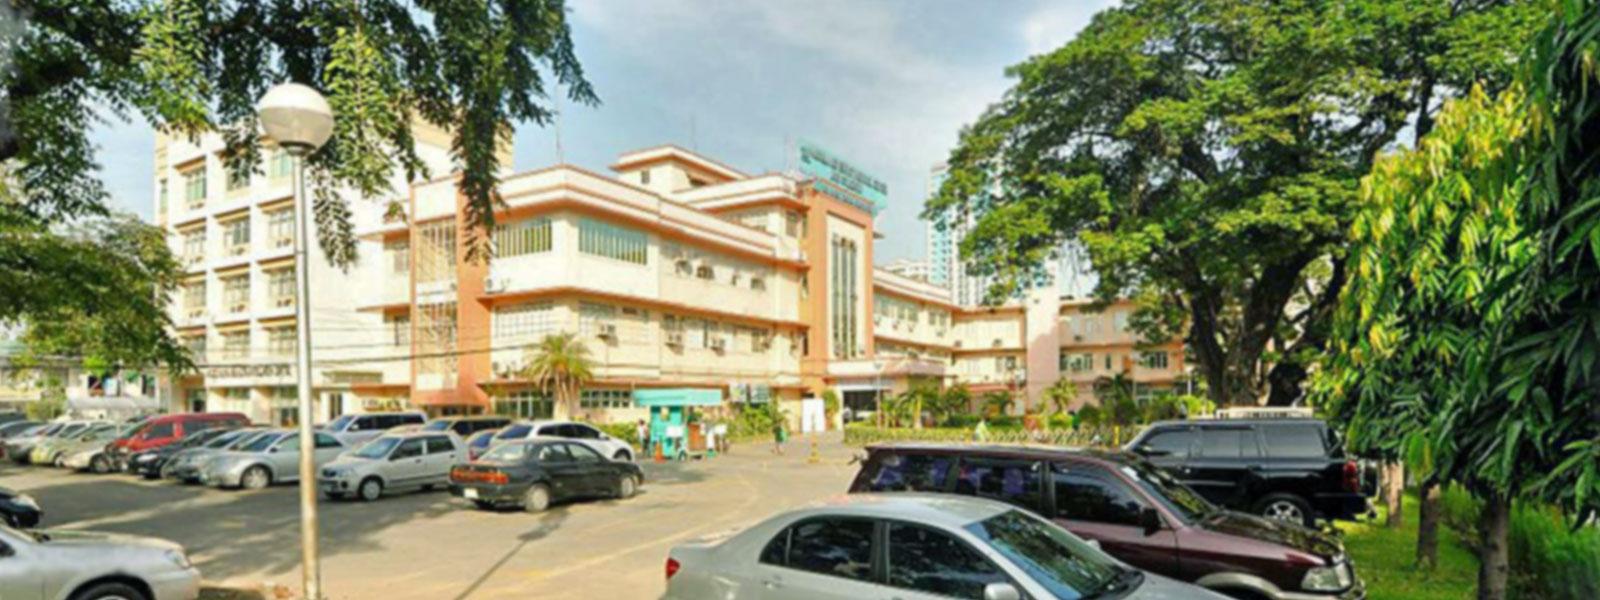 adventist medical center manila home